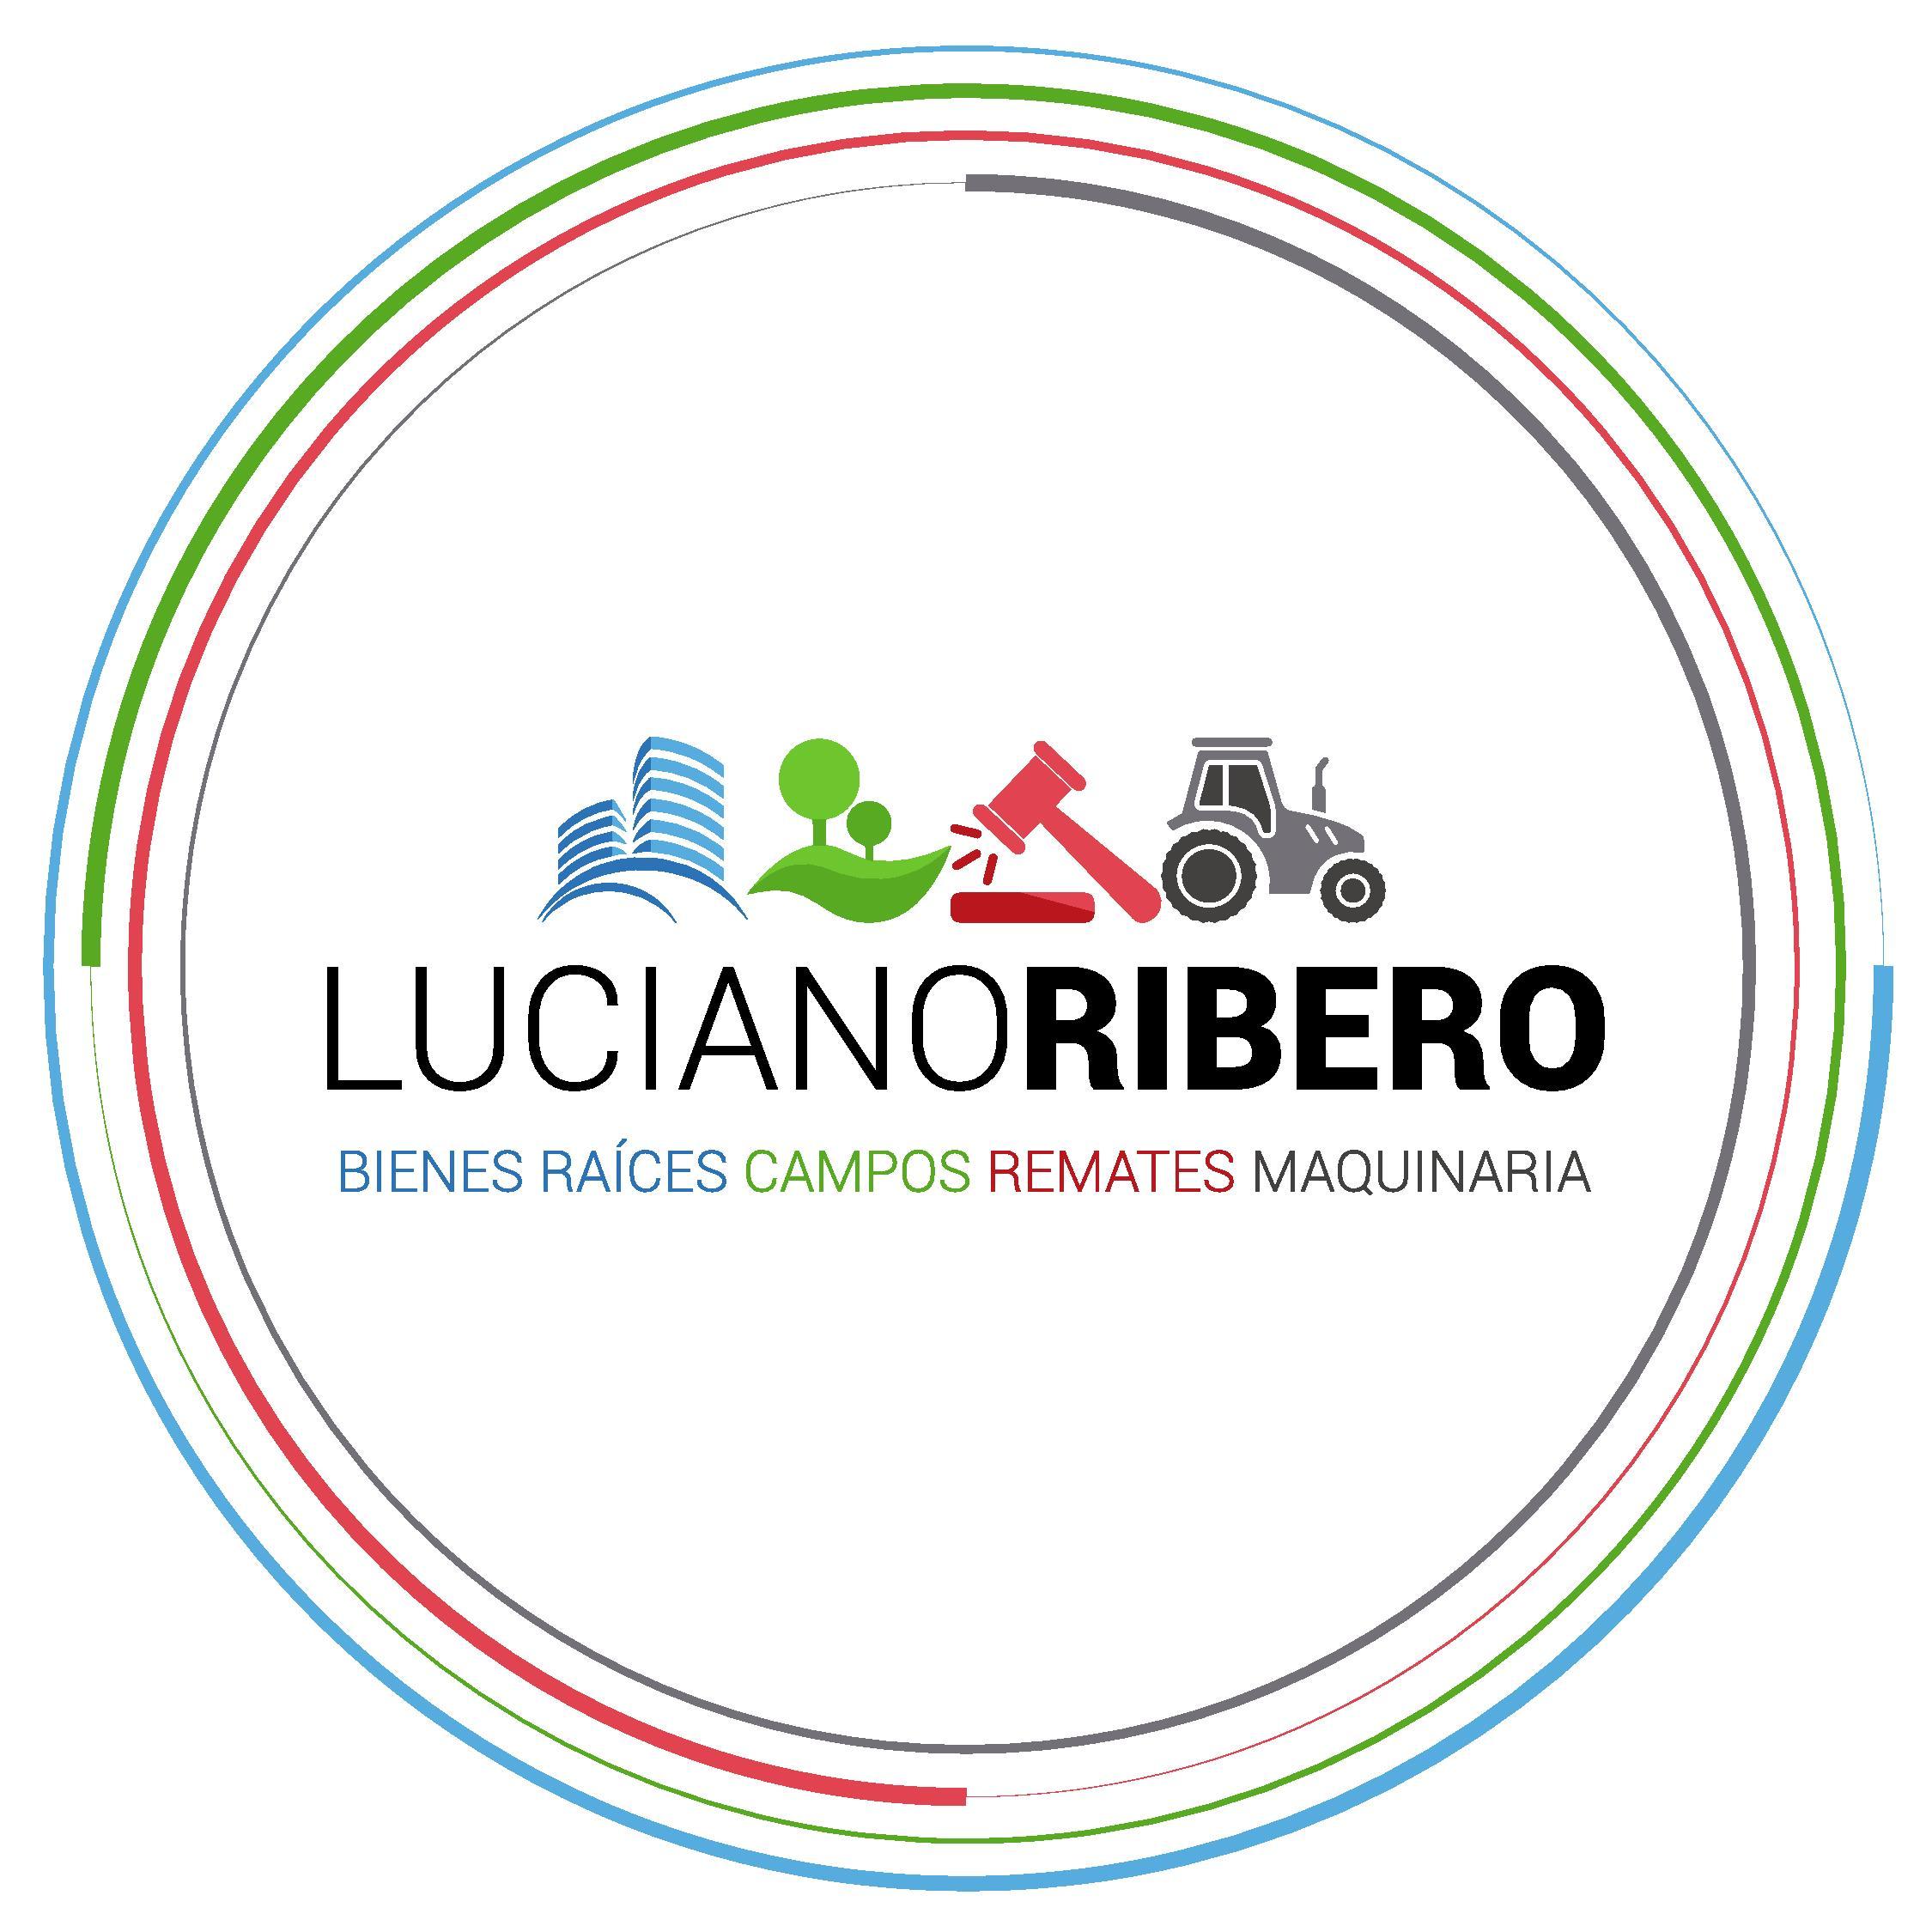 Luciano Ribero